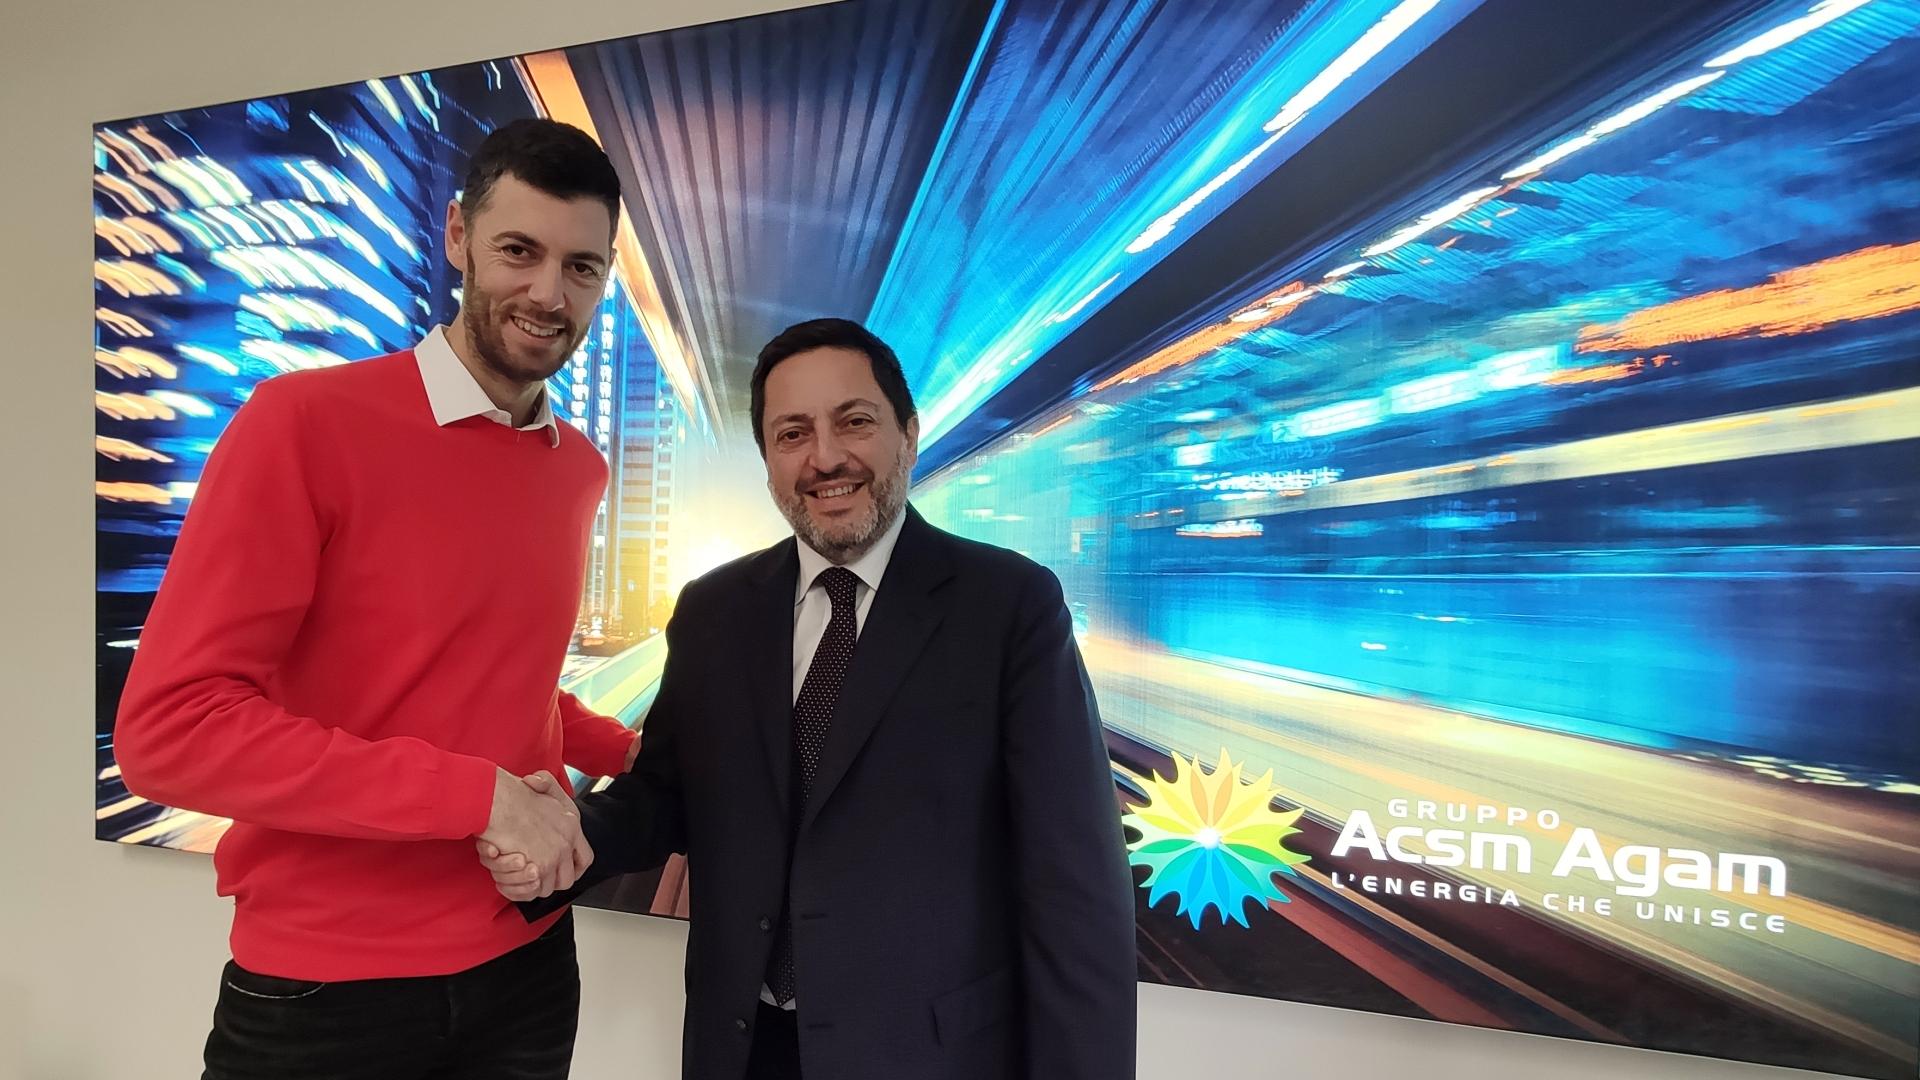 Simone Buti intervista Paolo Busnelli, presidente del CdA di Acsm Agam